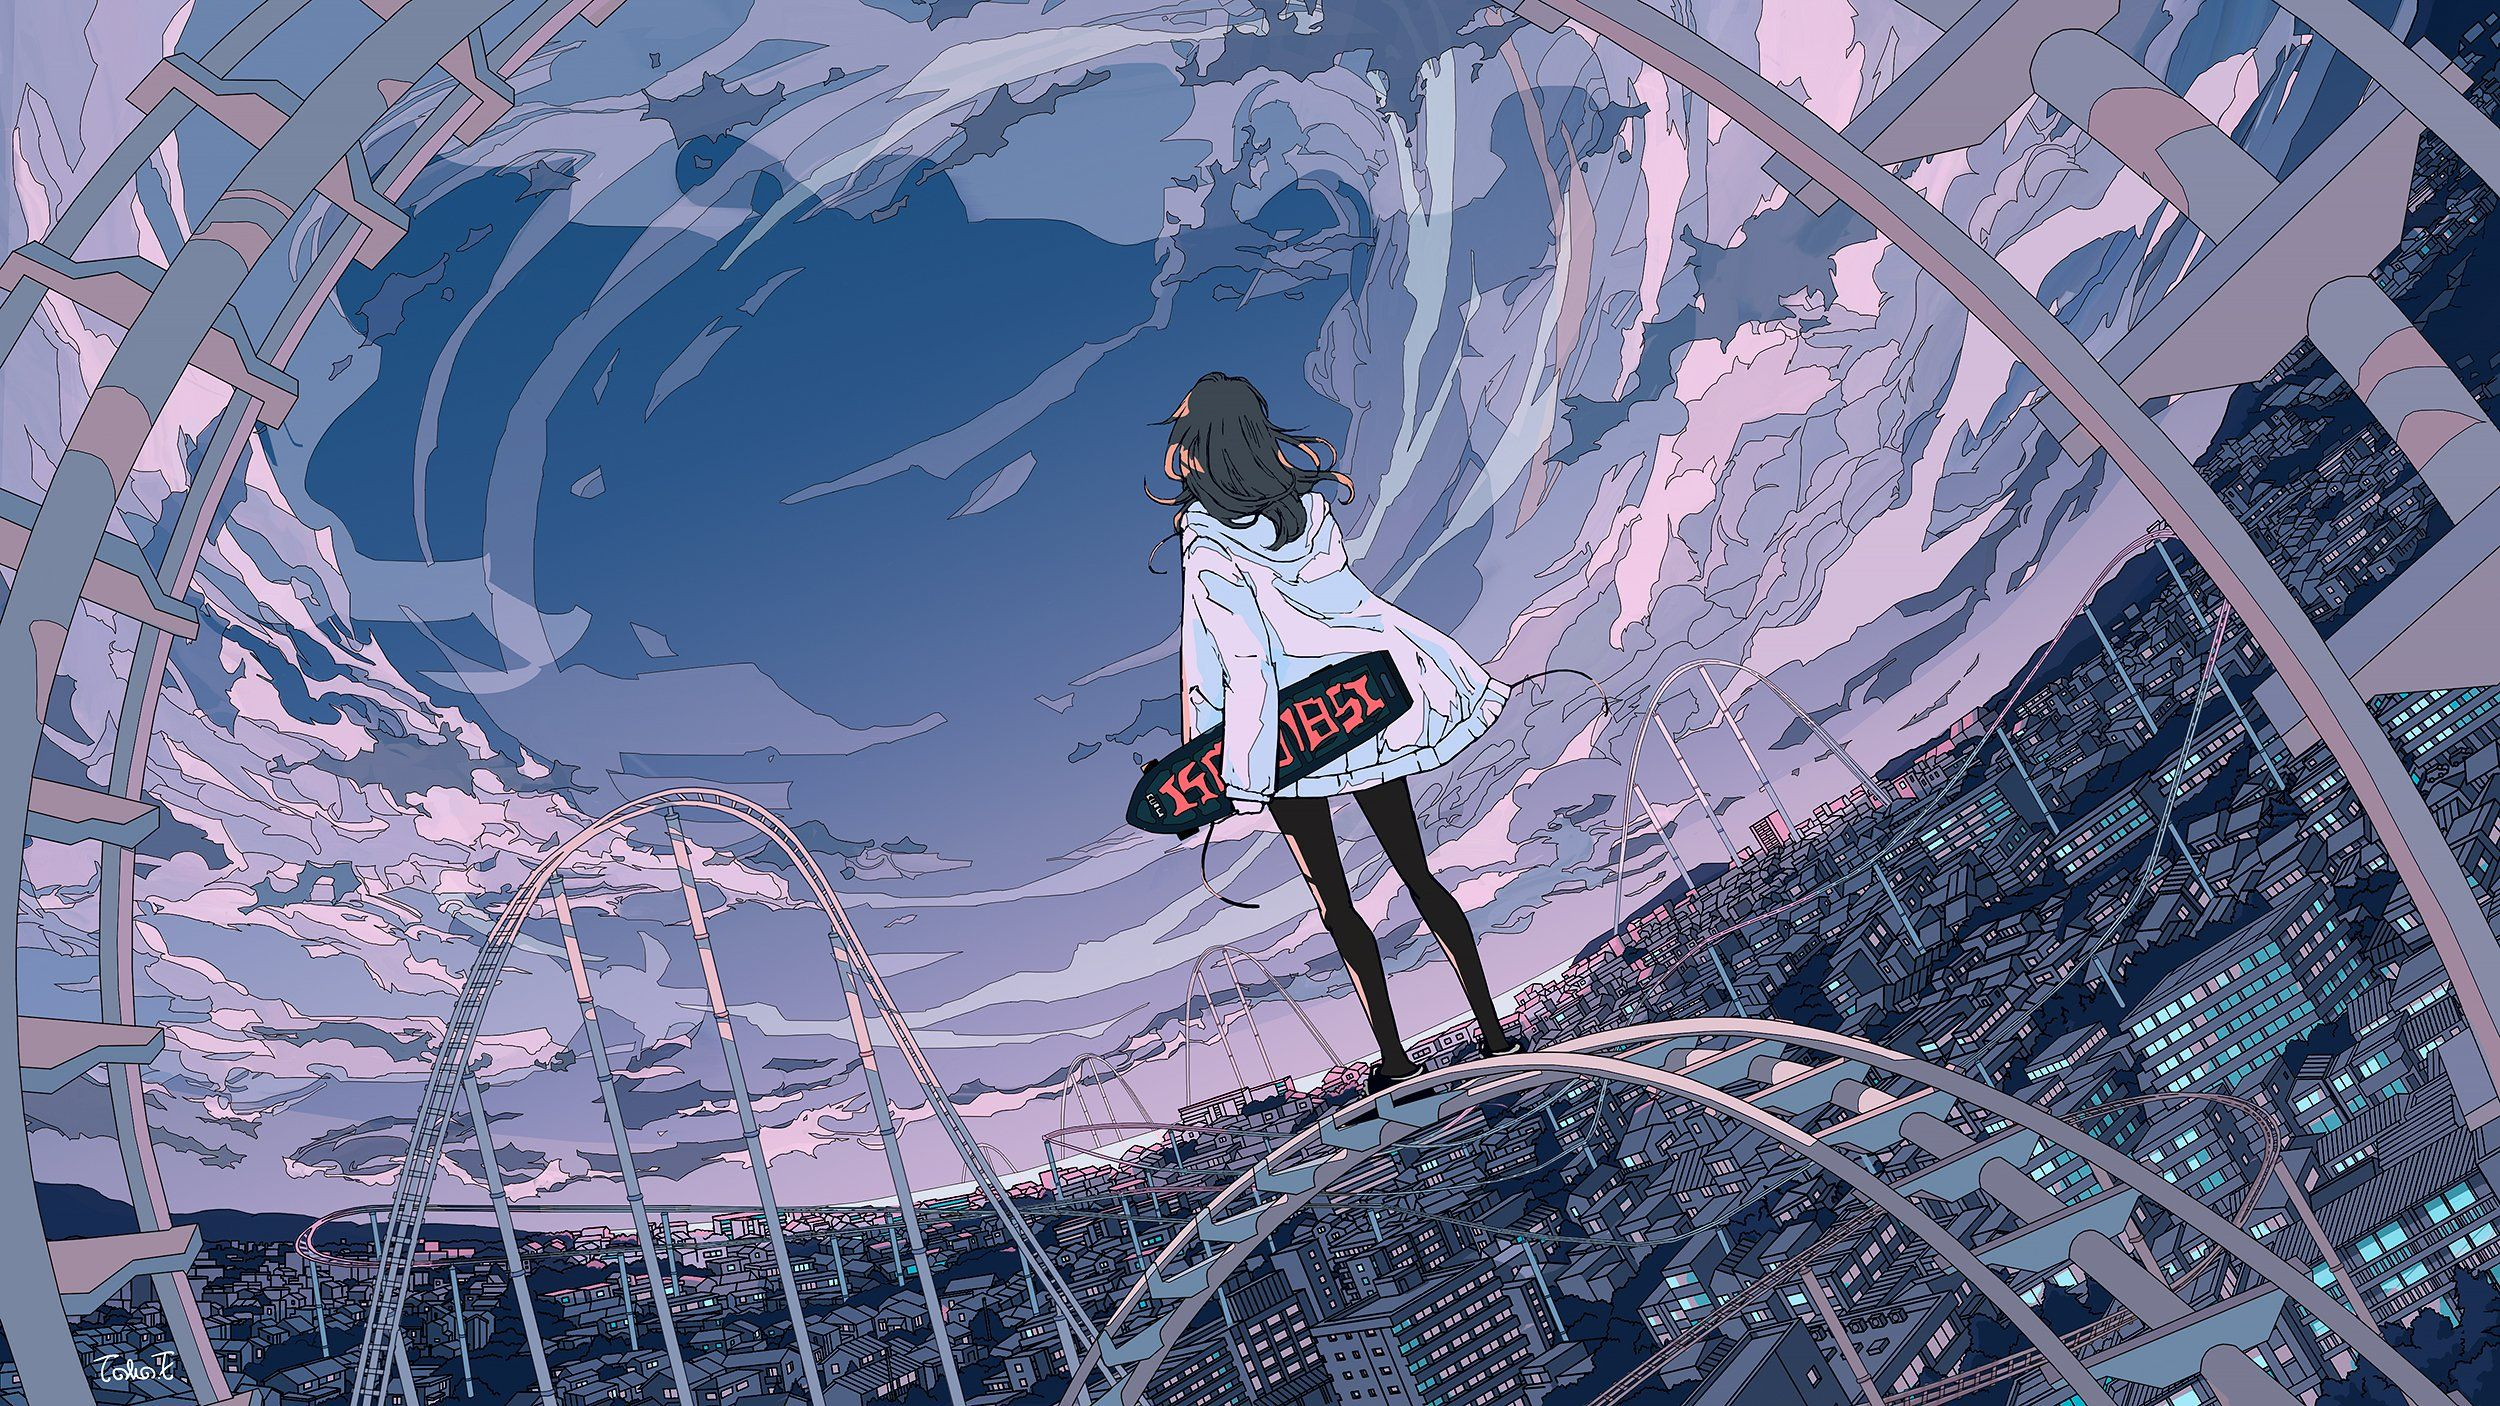 4k Wallpaper Anime Landscape Hd Art Wallpaper Fotos De Wallpaper Silueta De Chica Fondo De Pantalla Del Ordenador Portatil